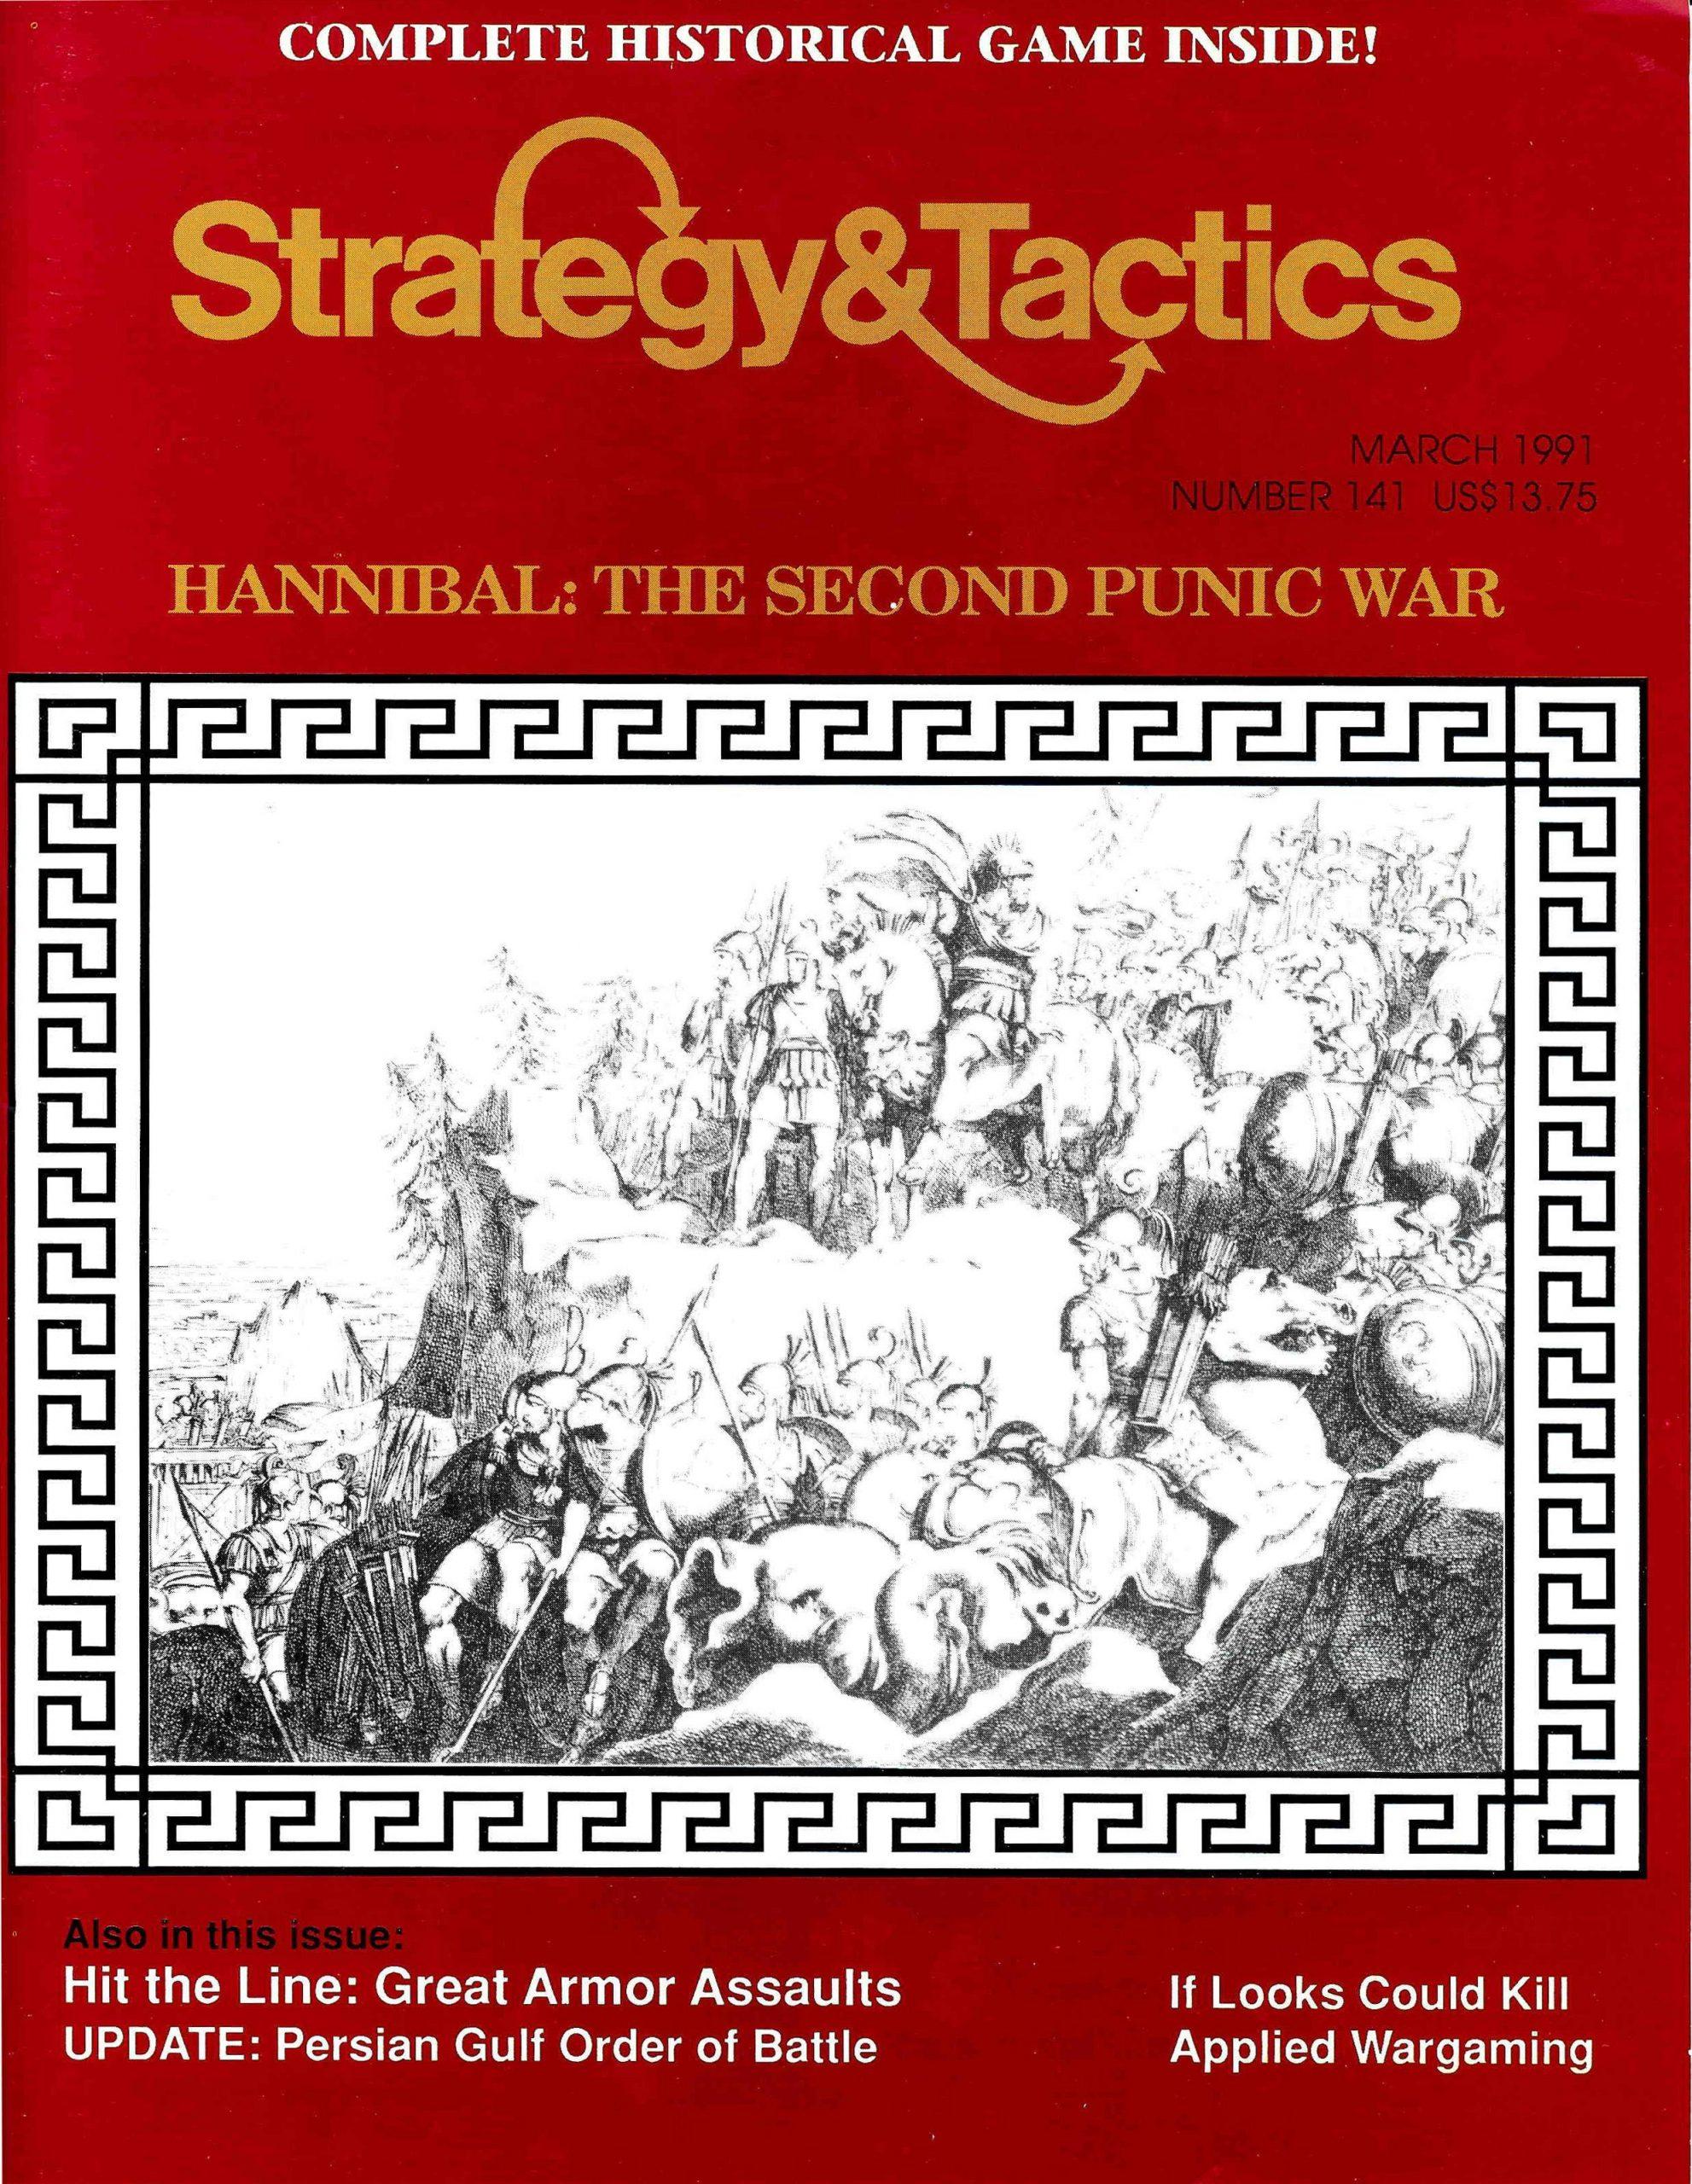 настольная игра Hannibal: The Second Punic War Ганнибал: Вторая Пуническая война